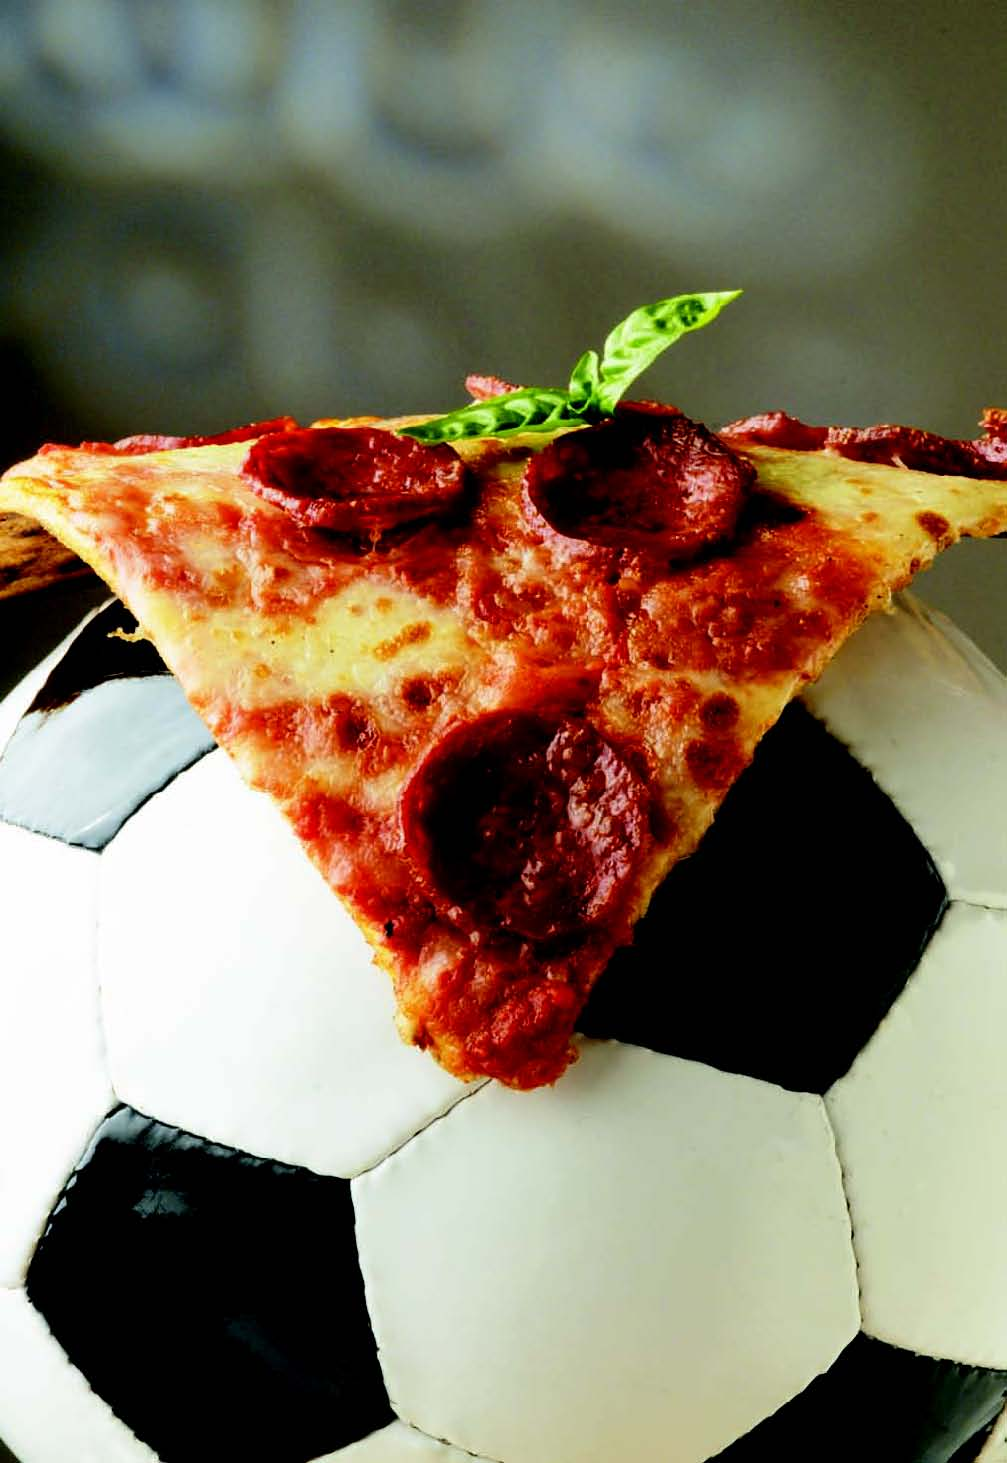 Quand les résultats sportifs influencent nos choix alimentaires